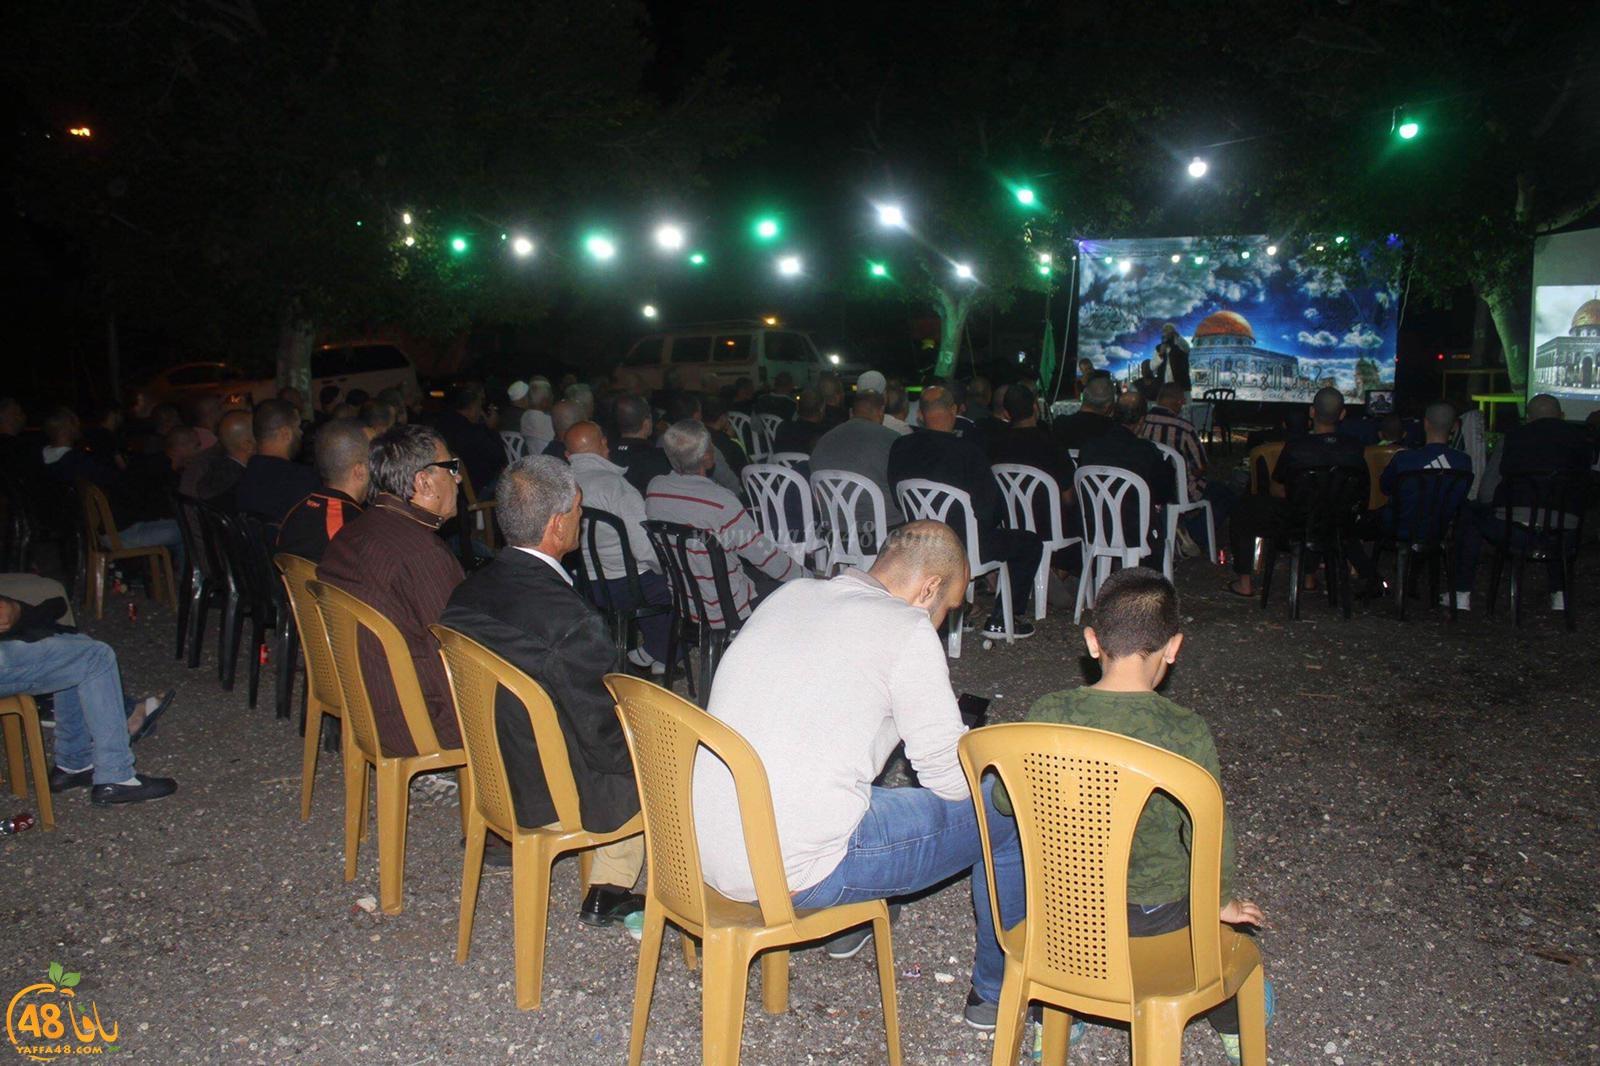 بالصور: خيمة الهدى الدعوية تُنظم أمسية ايمانية في أرض السوق بيافا